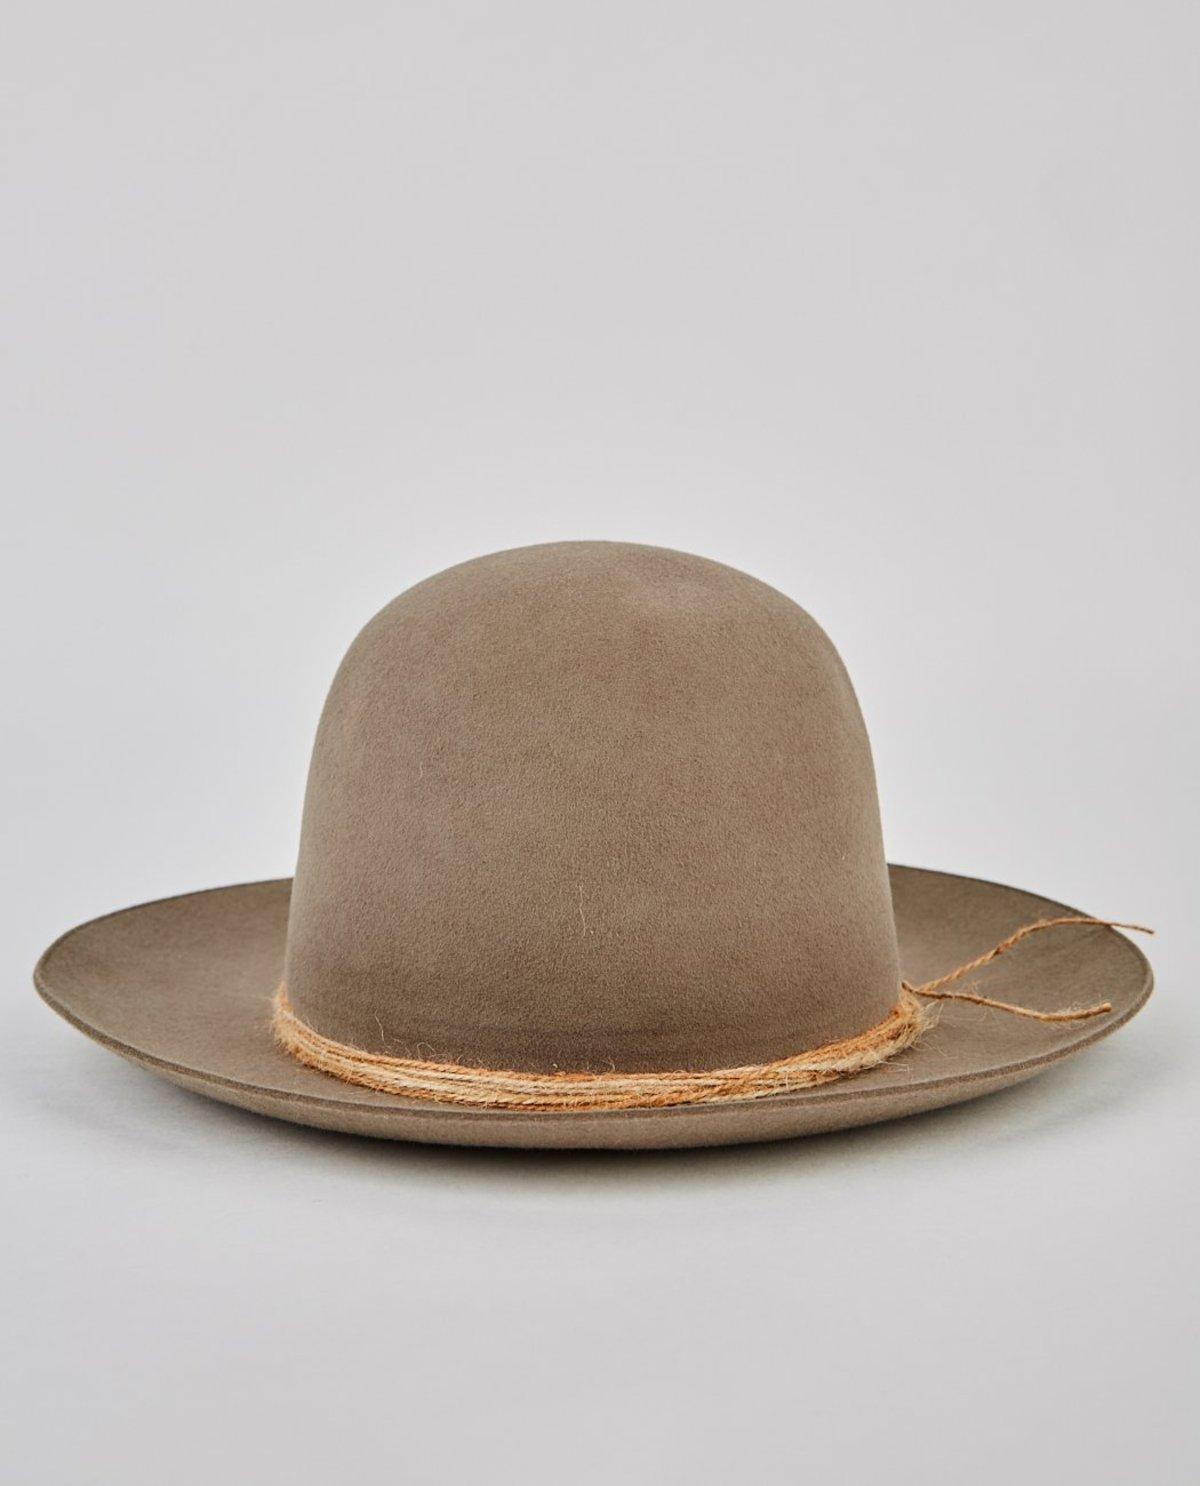 9cfb878c48a97 Super Duper Hatters Crew Holes Lapin Fur Felt Hat - Tan | Garmentory